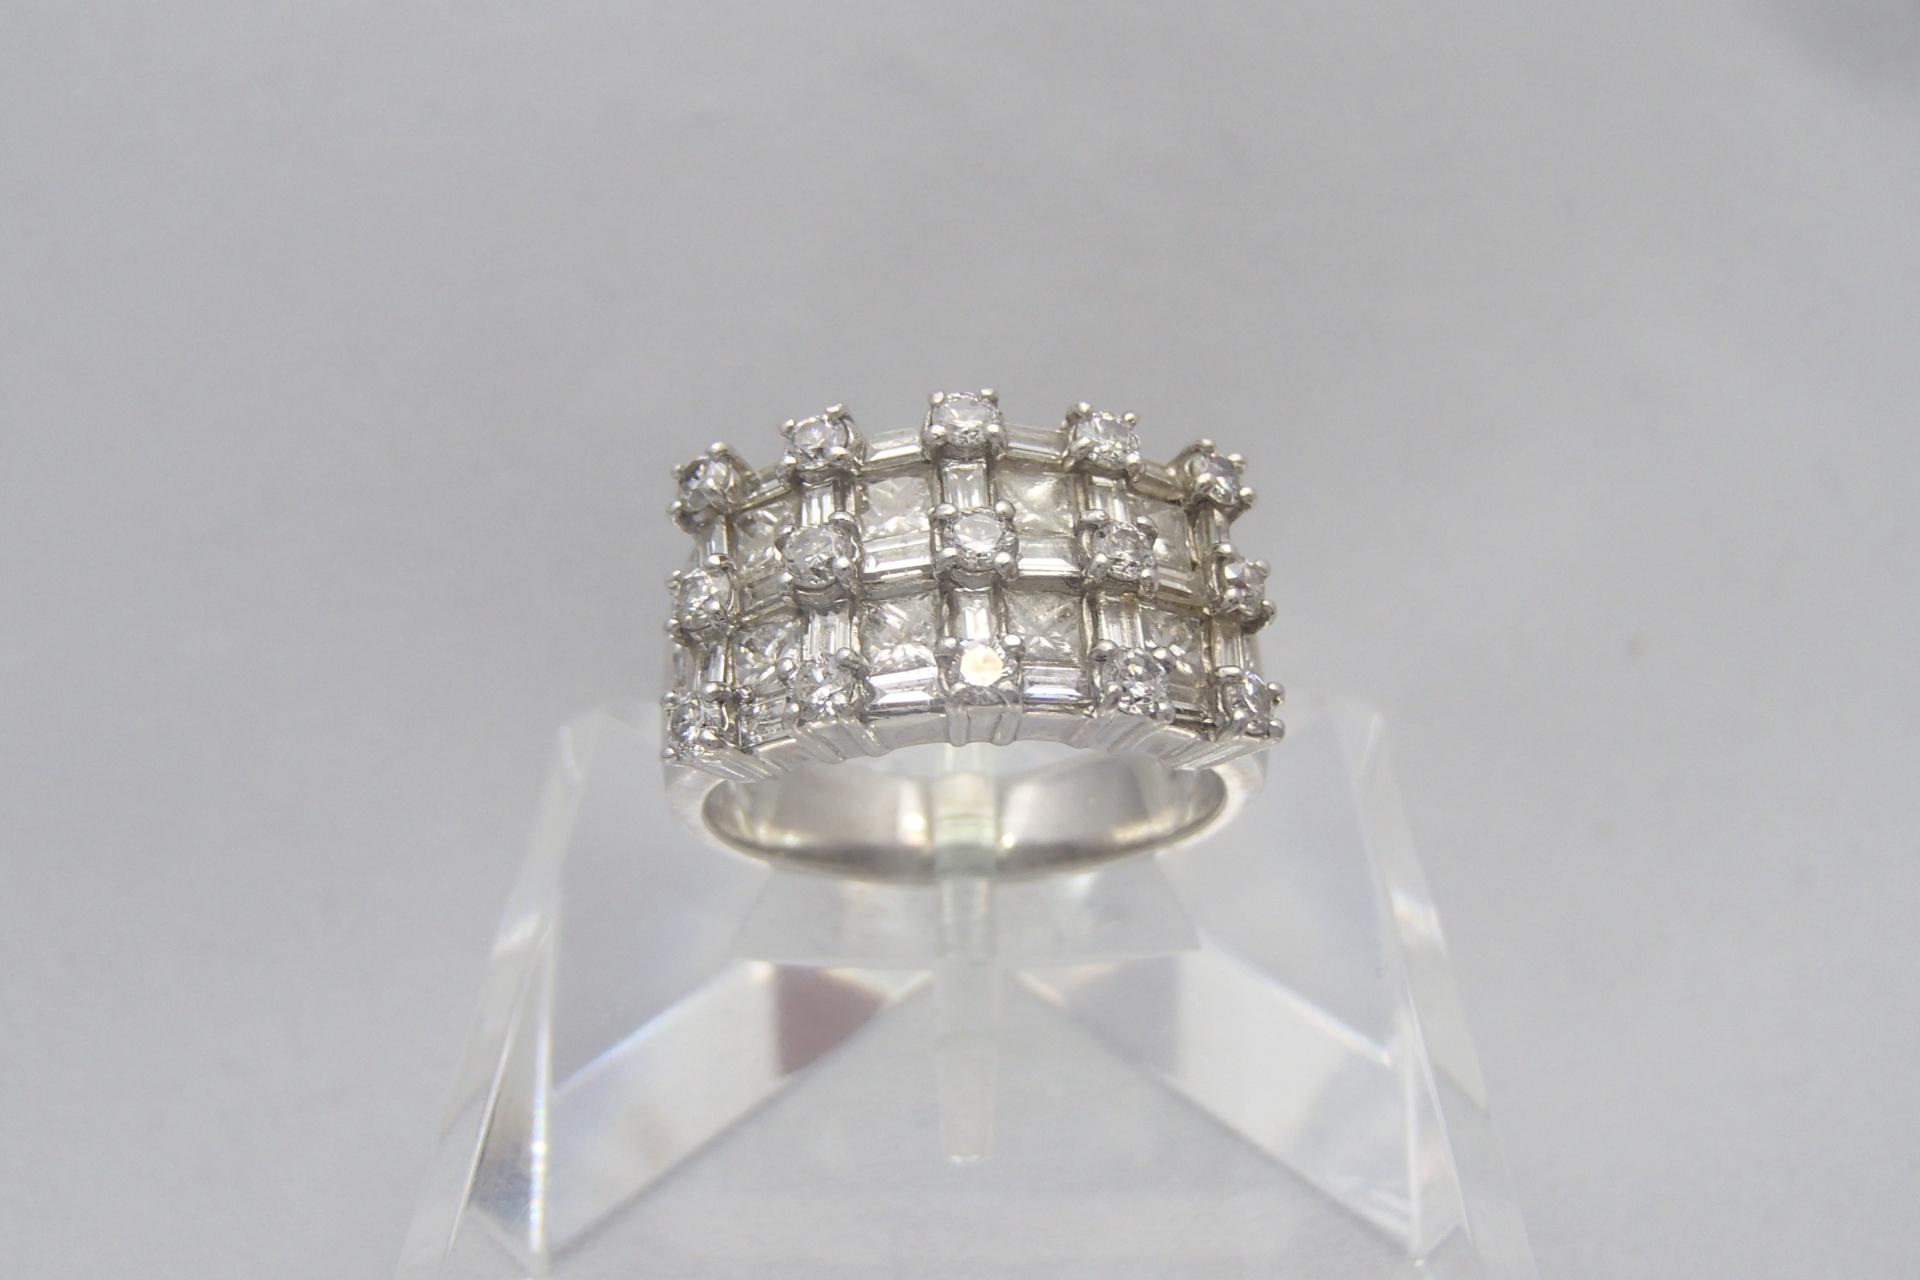 ダイヤモンドを売るときの注意点!高く売る方法は?